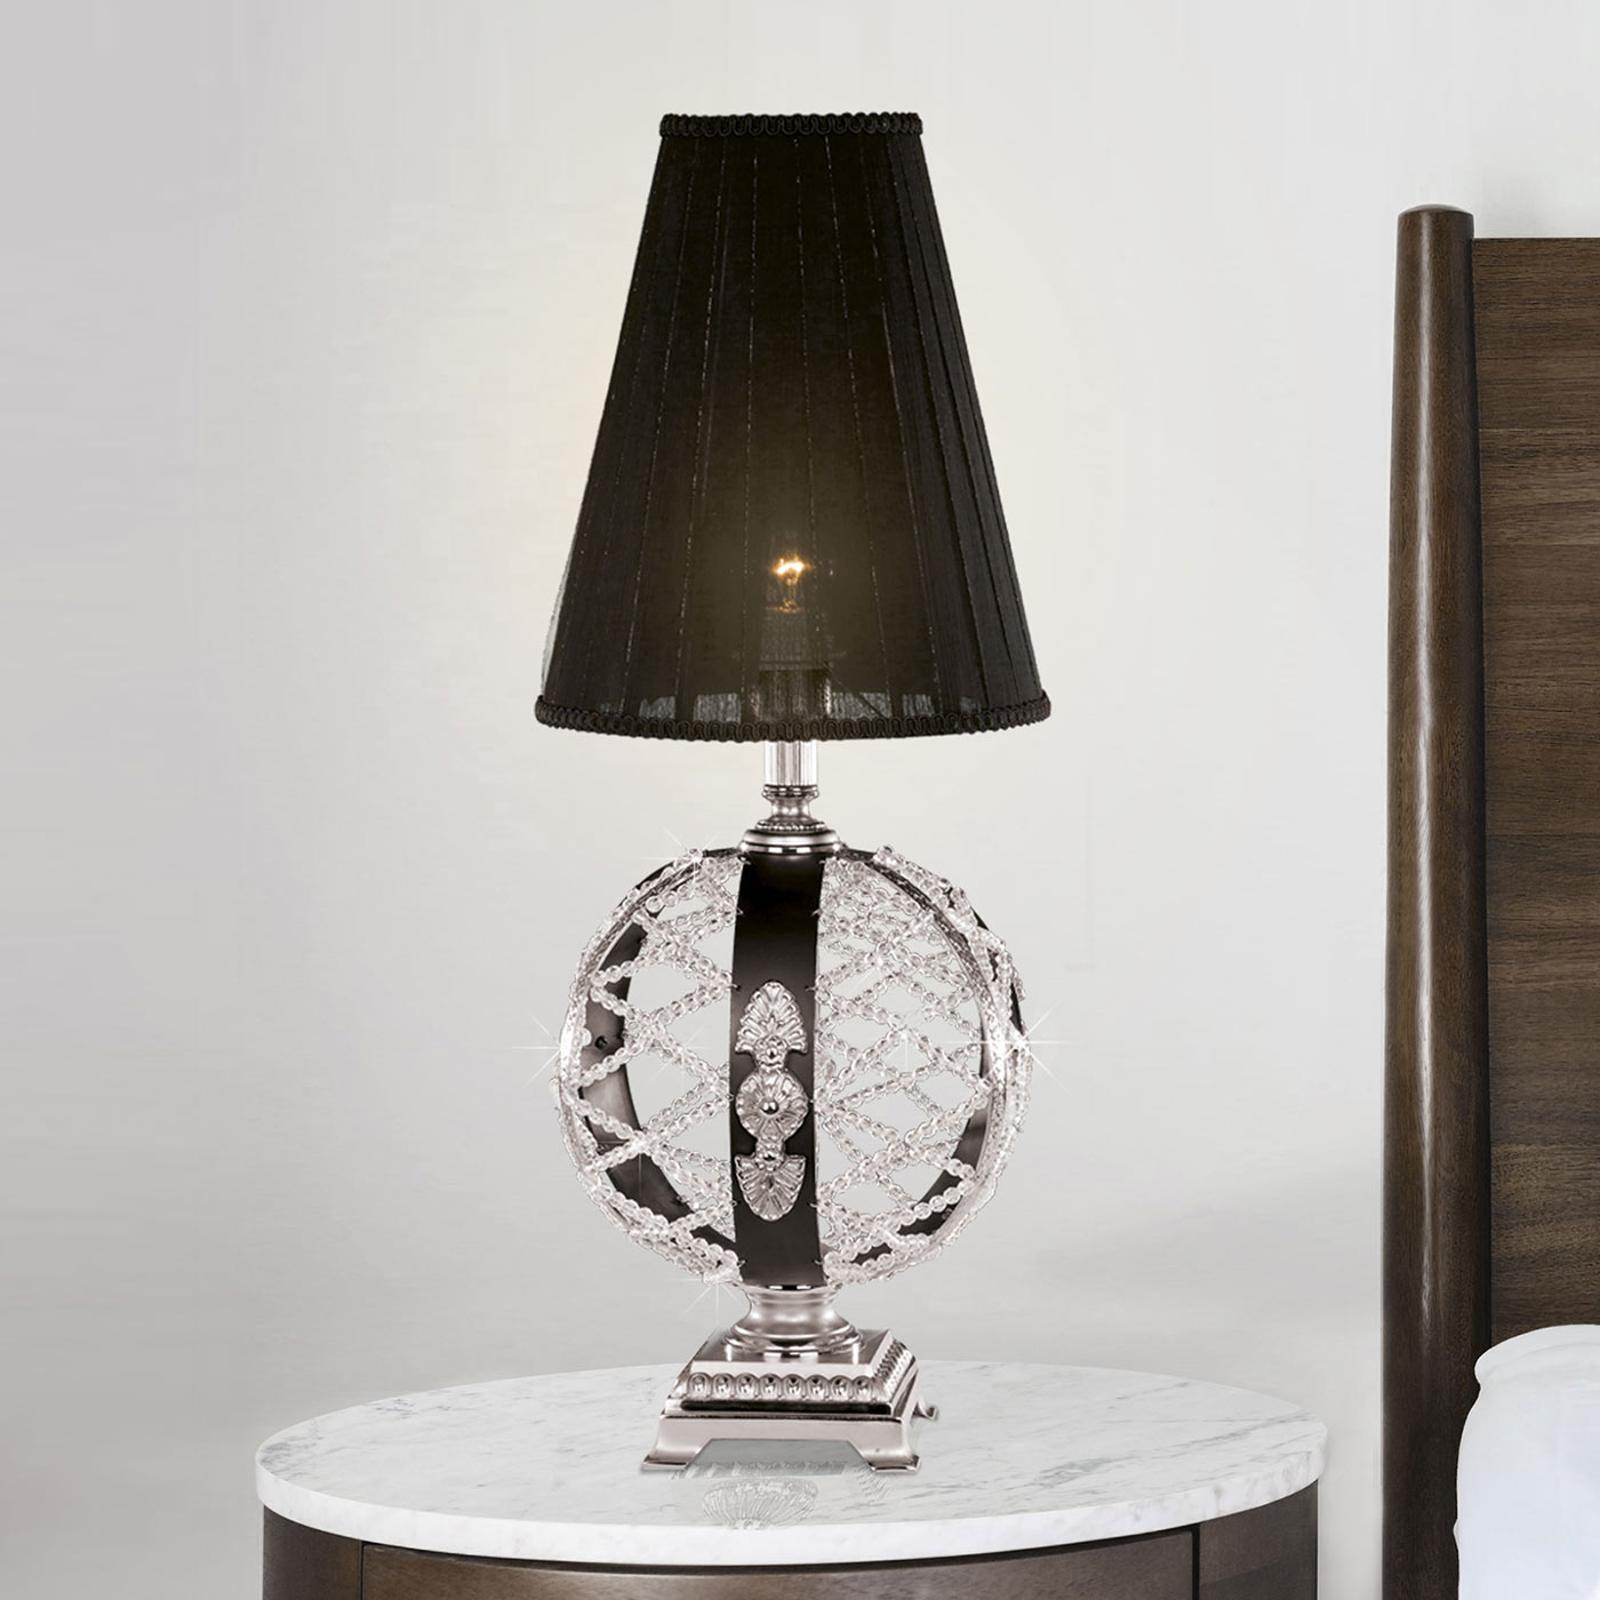 Pöytälamppu Arianna musta, nikkeli, kristalli